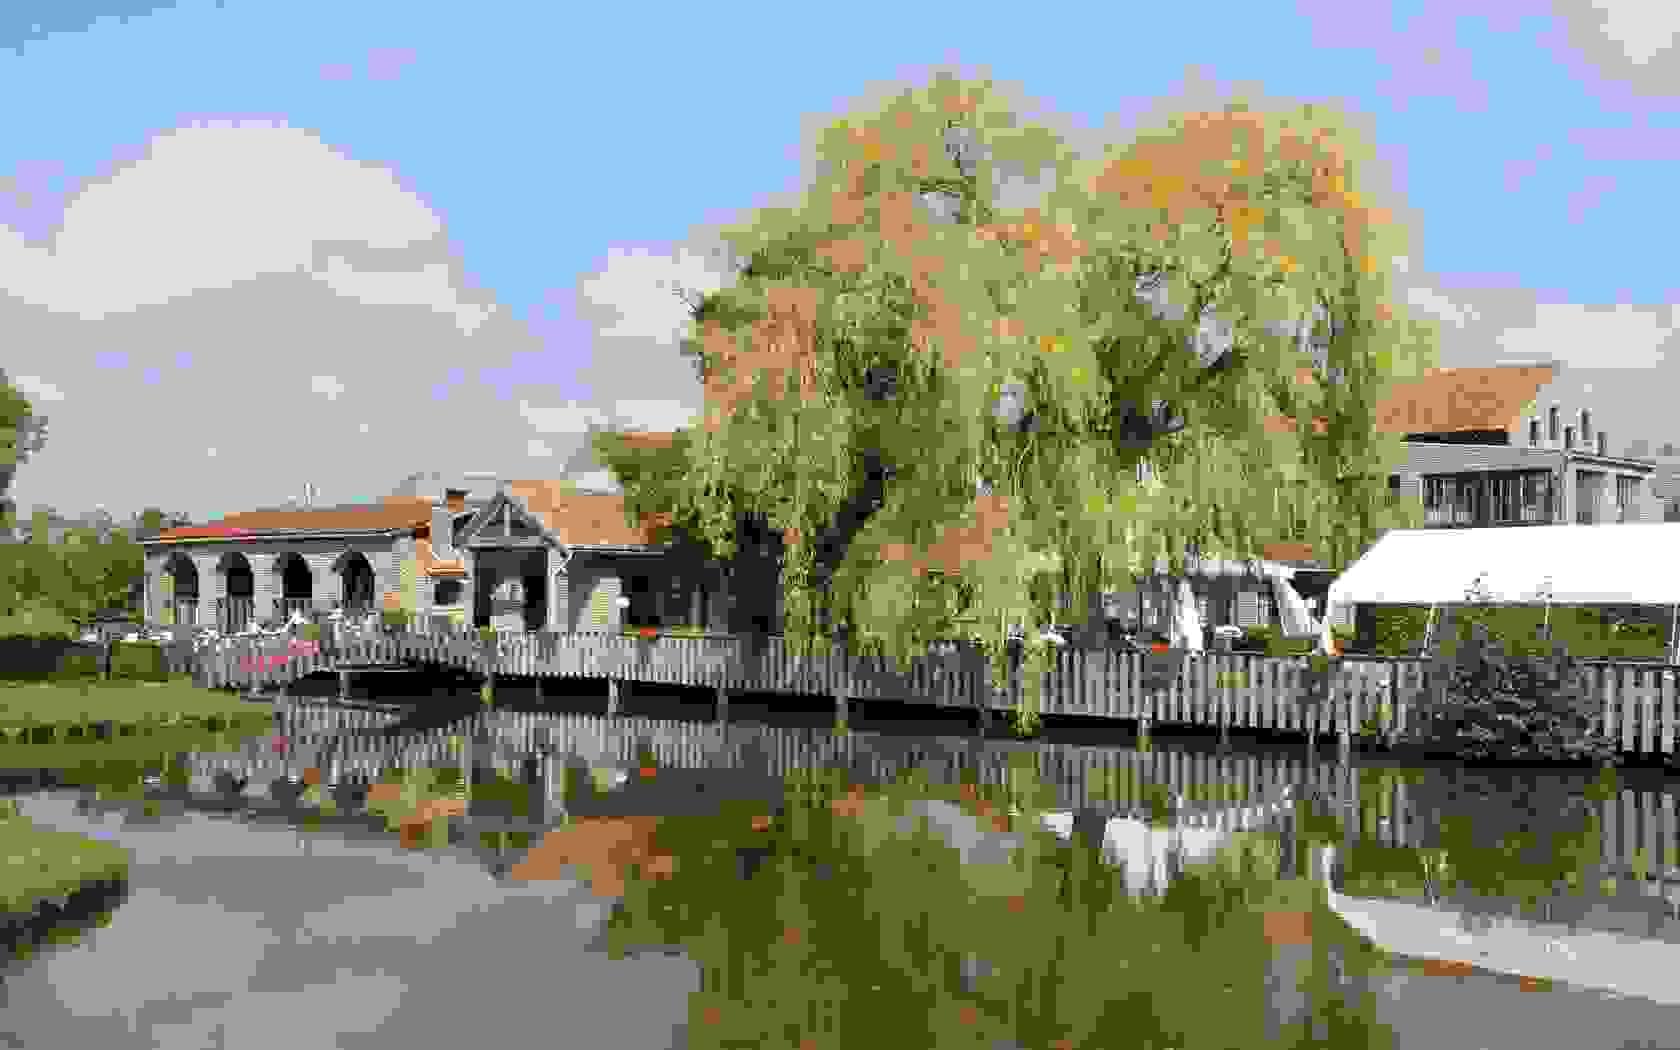 bedrijfsevenement Limburg - Een prachtige locatie voor een bedrijfsevenement op een boogscheut van Limburg - De Waterhoek